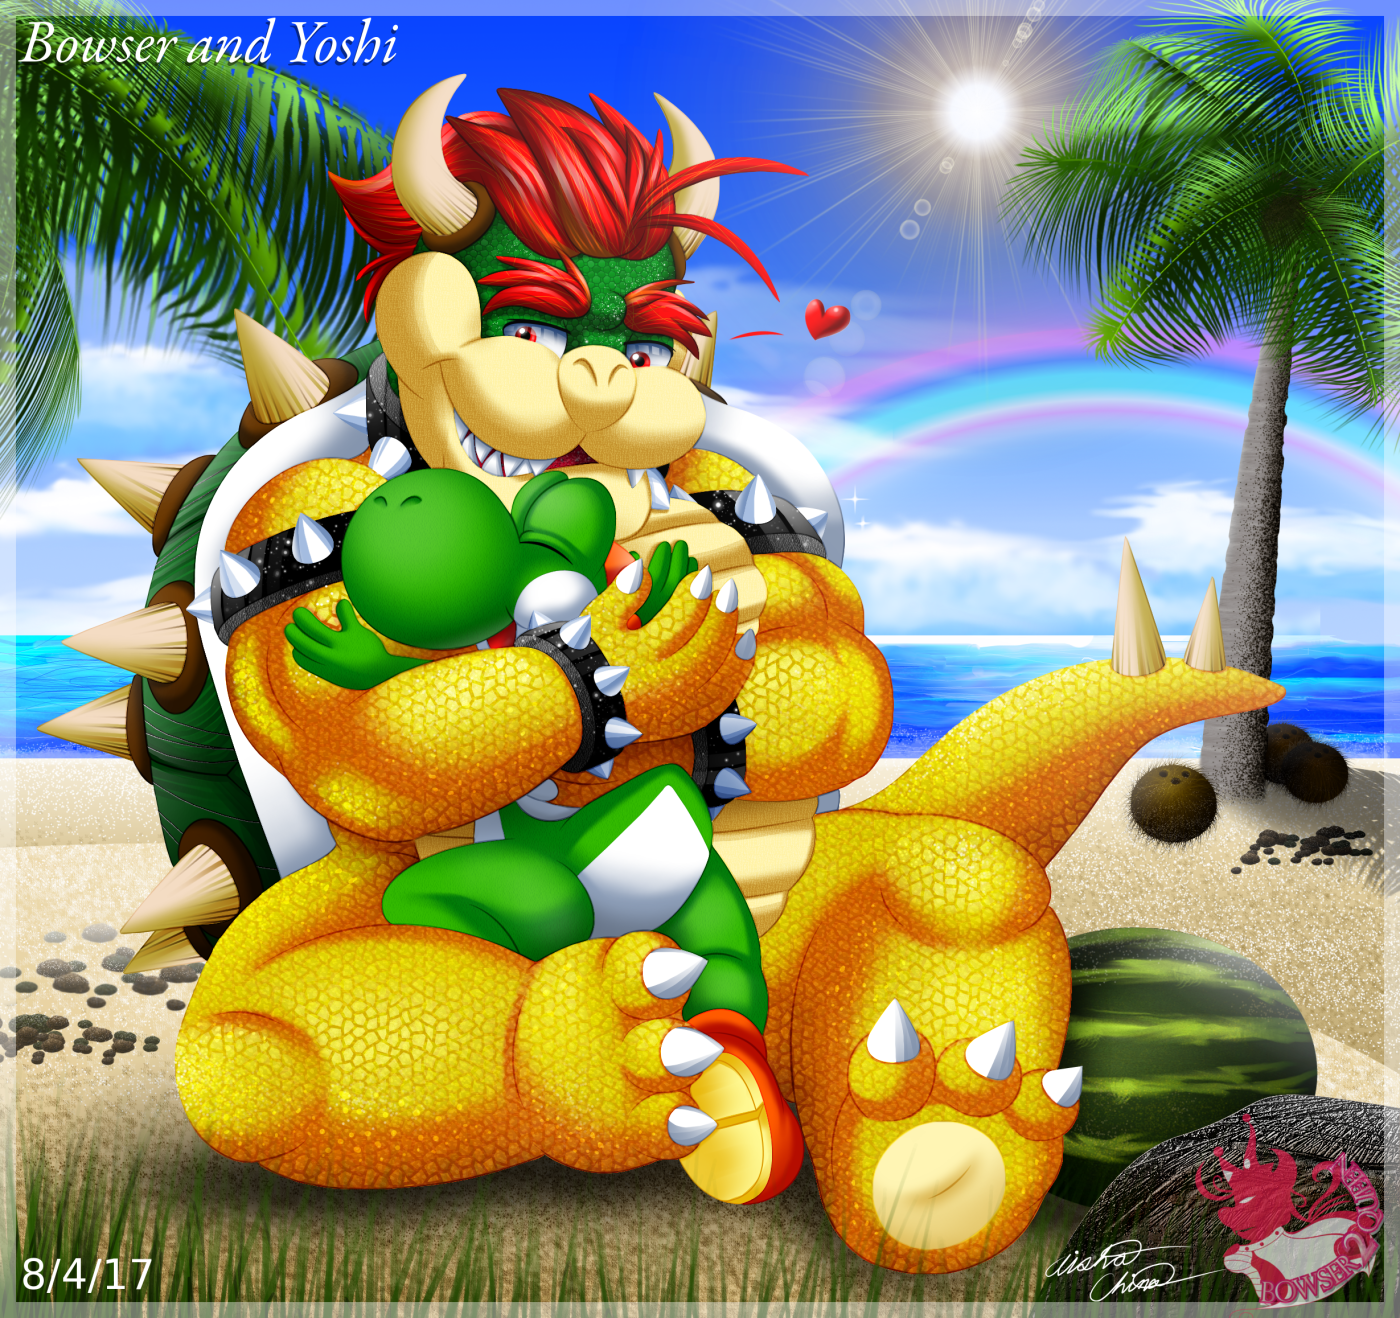 Yoshi X Birdo by Bowser2Queen on DeviantArt |Bowser Loves Yoshi